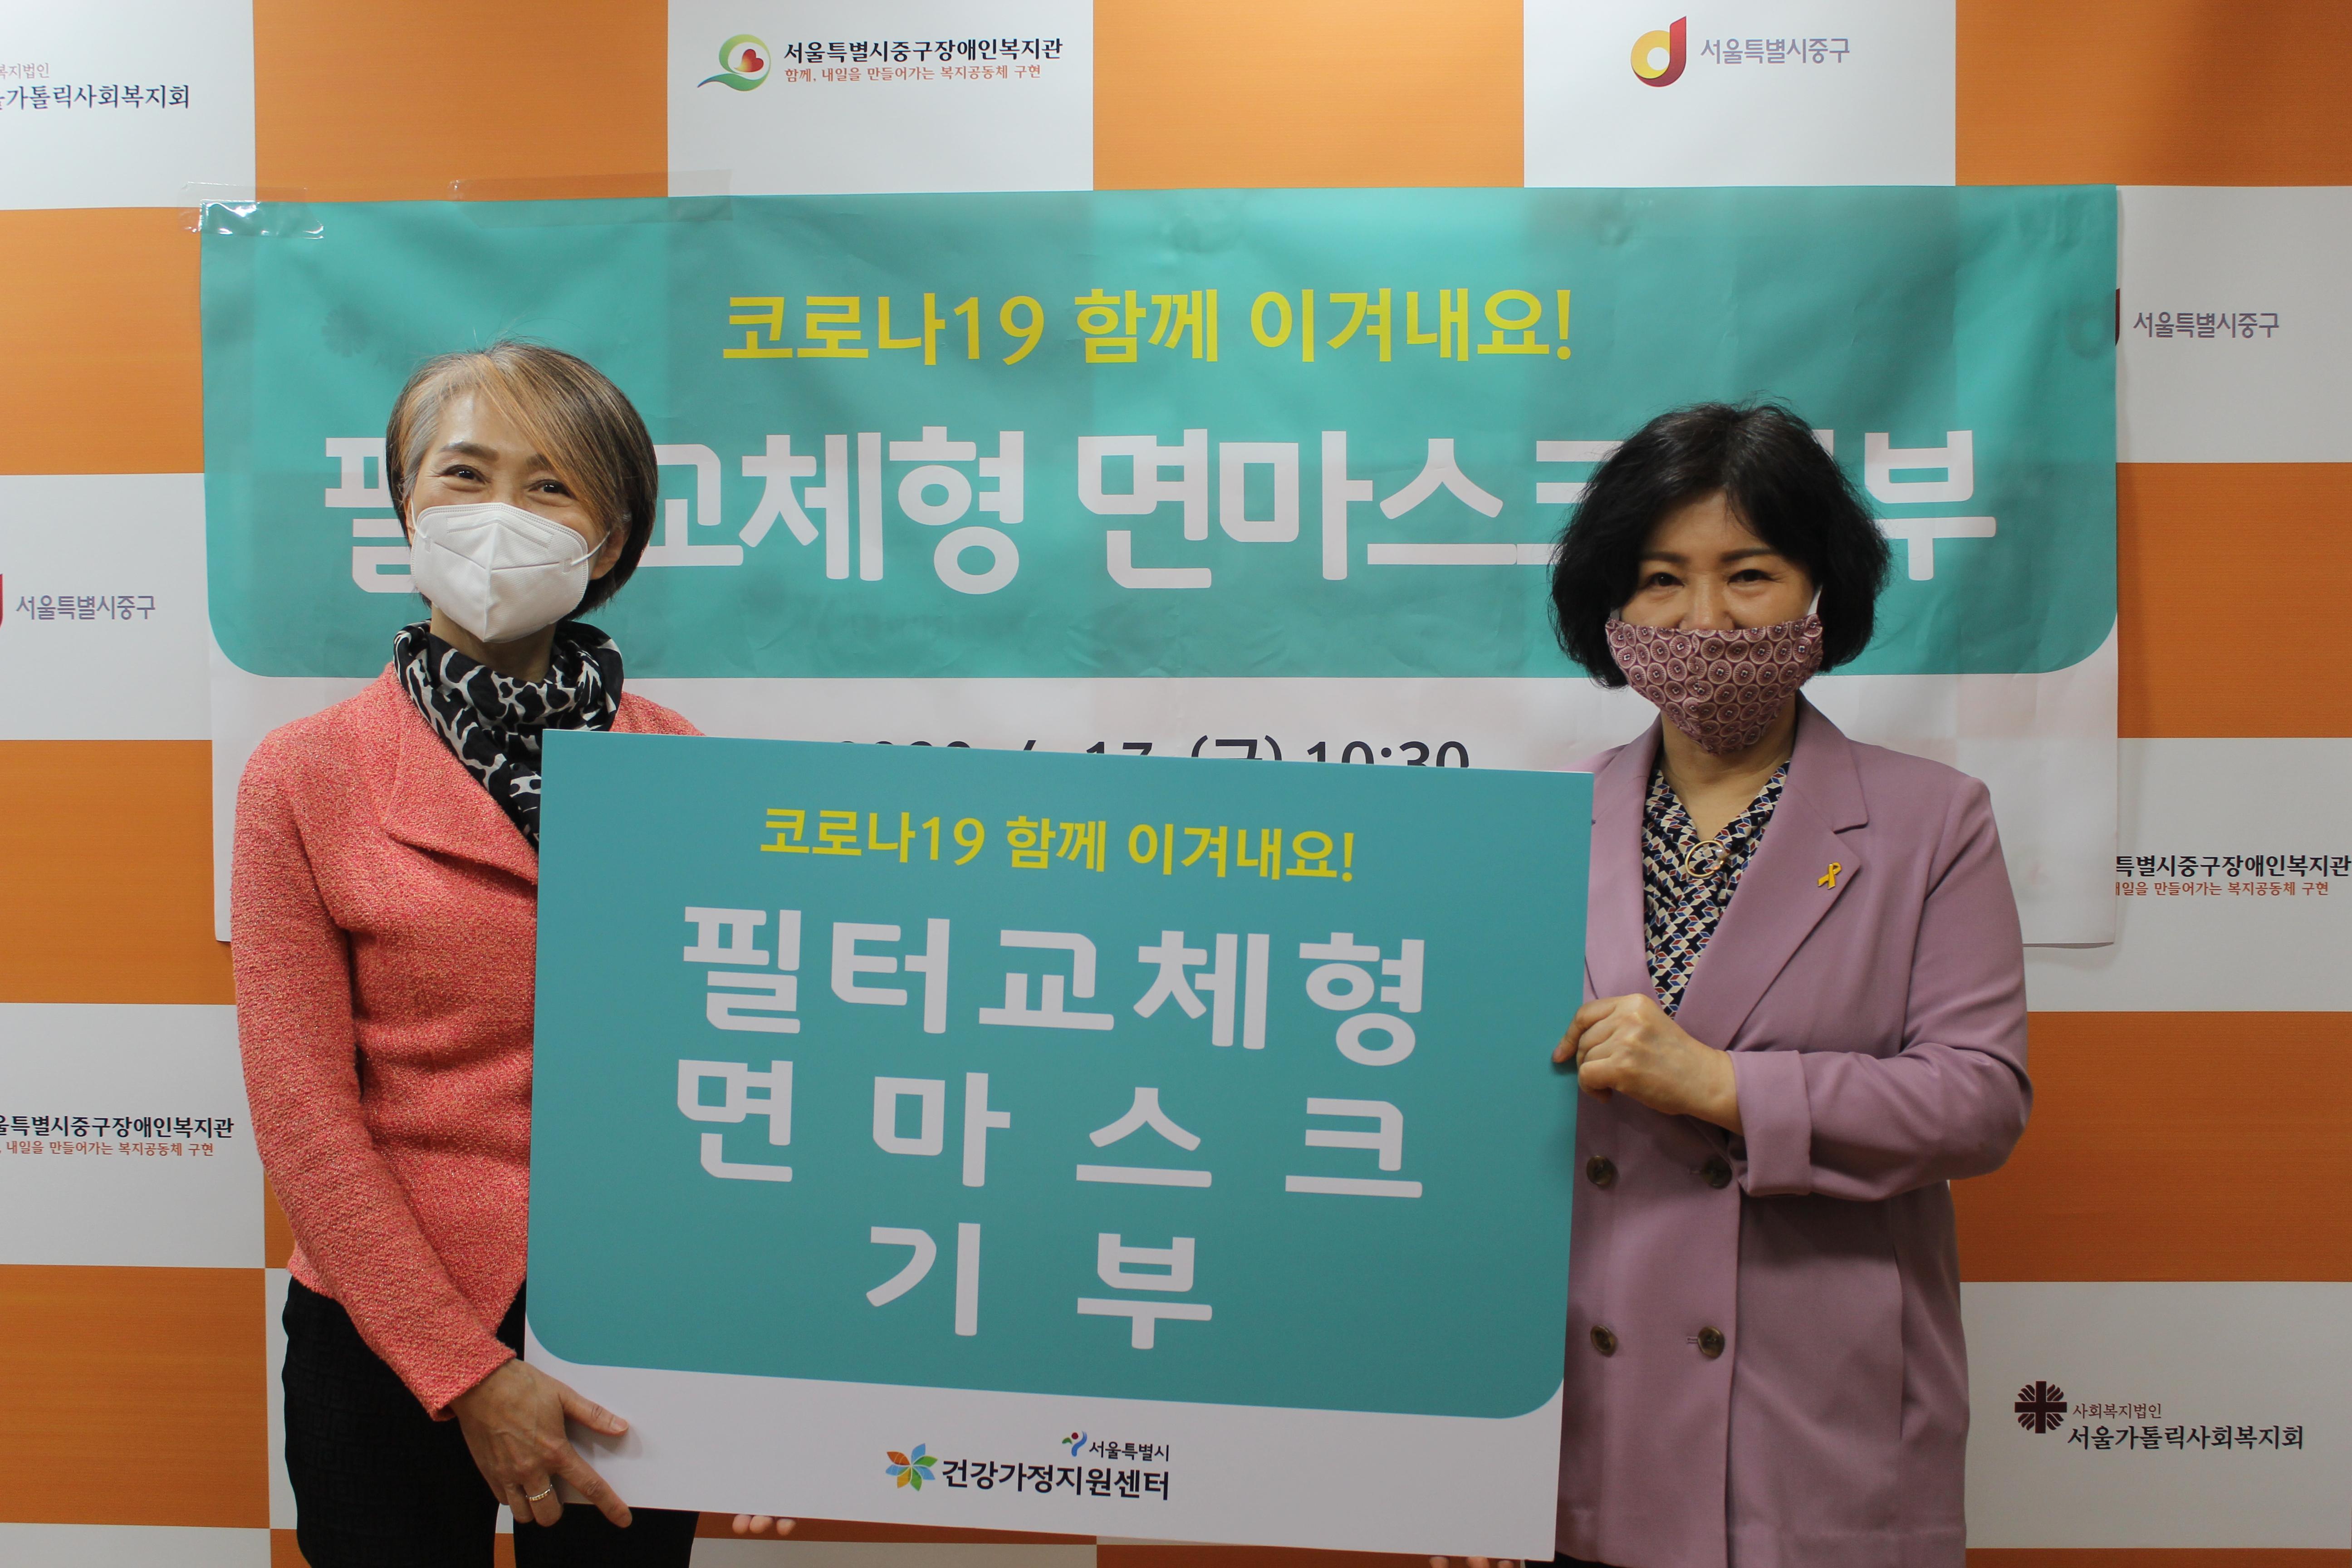 서울시건강가정지원센터, 직접 만든 필터 교체형 면마스크 기부